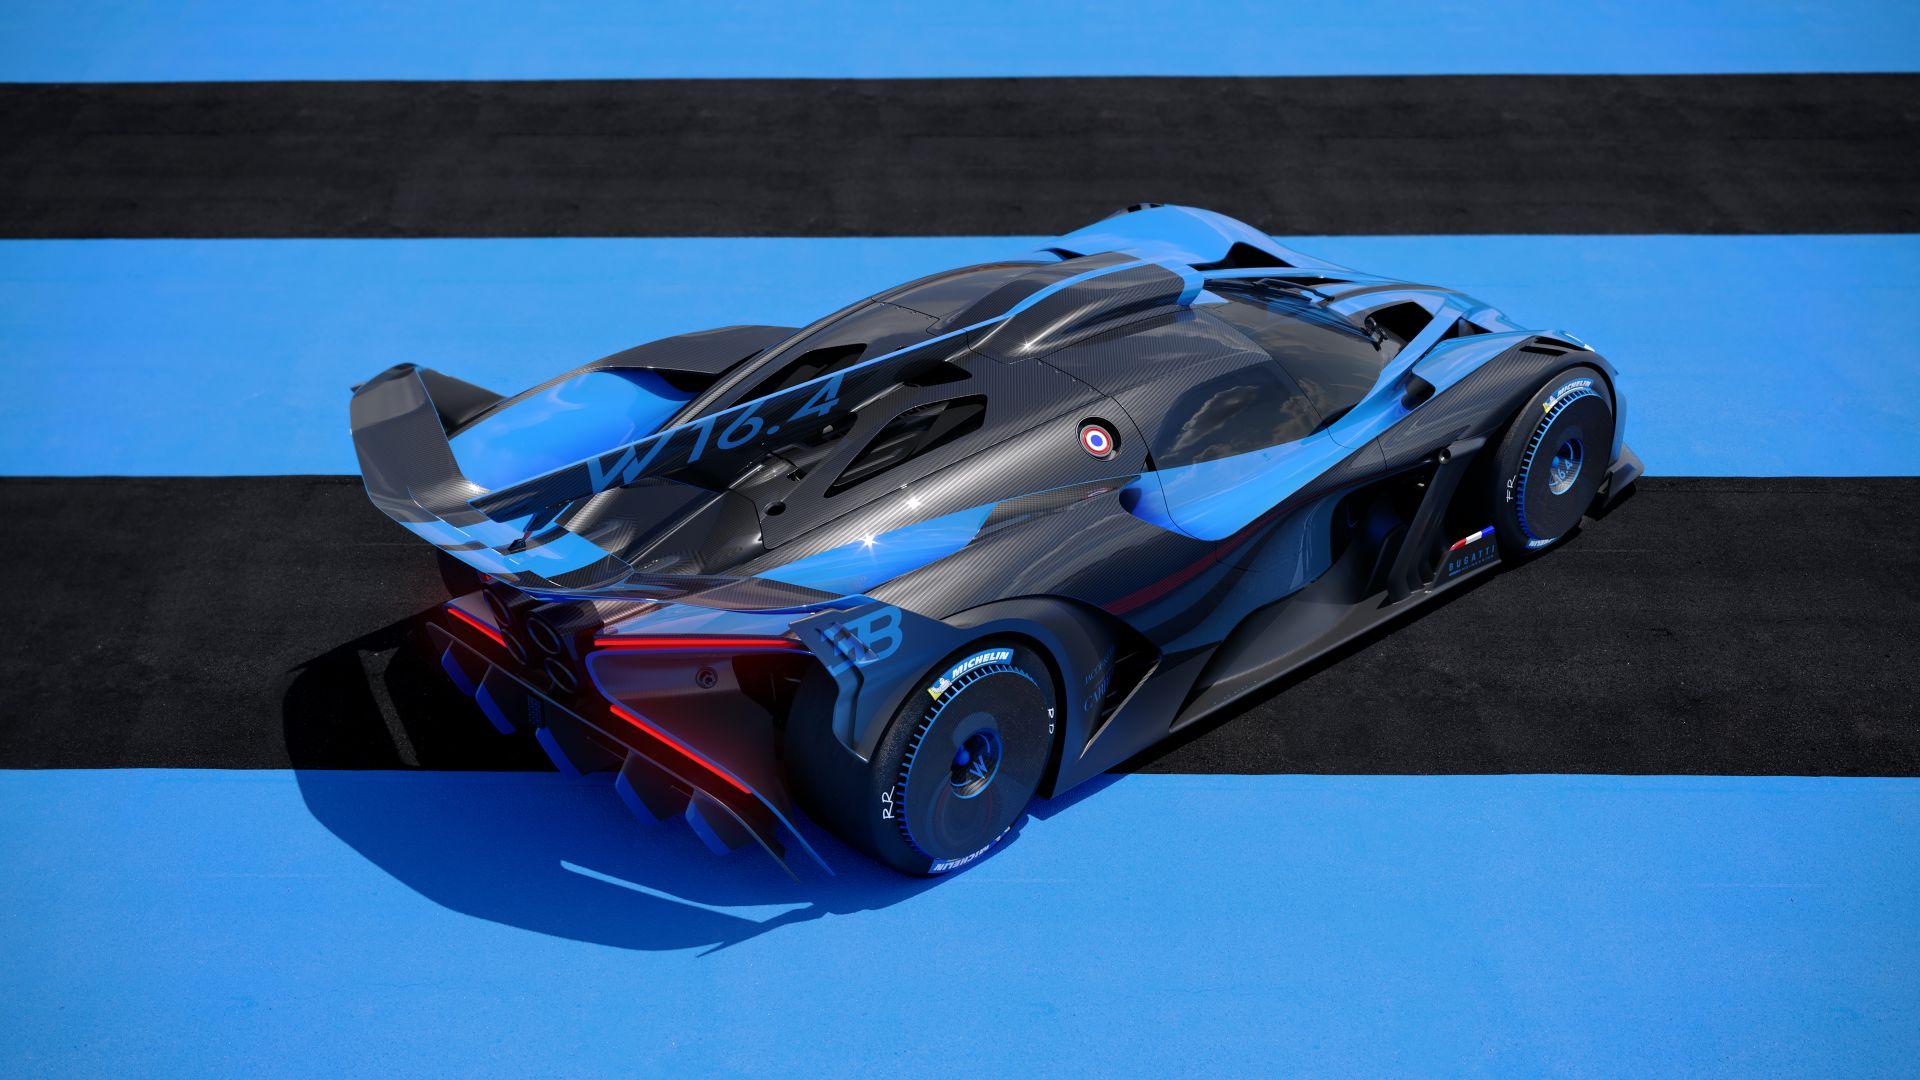 Bugatti Bolide E Monstro De 1 850 Cv E Promete Superar Os 500 Km H